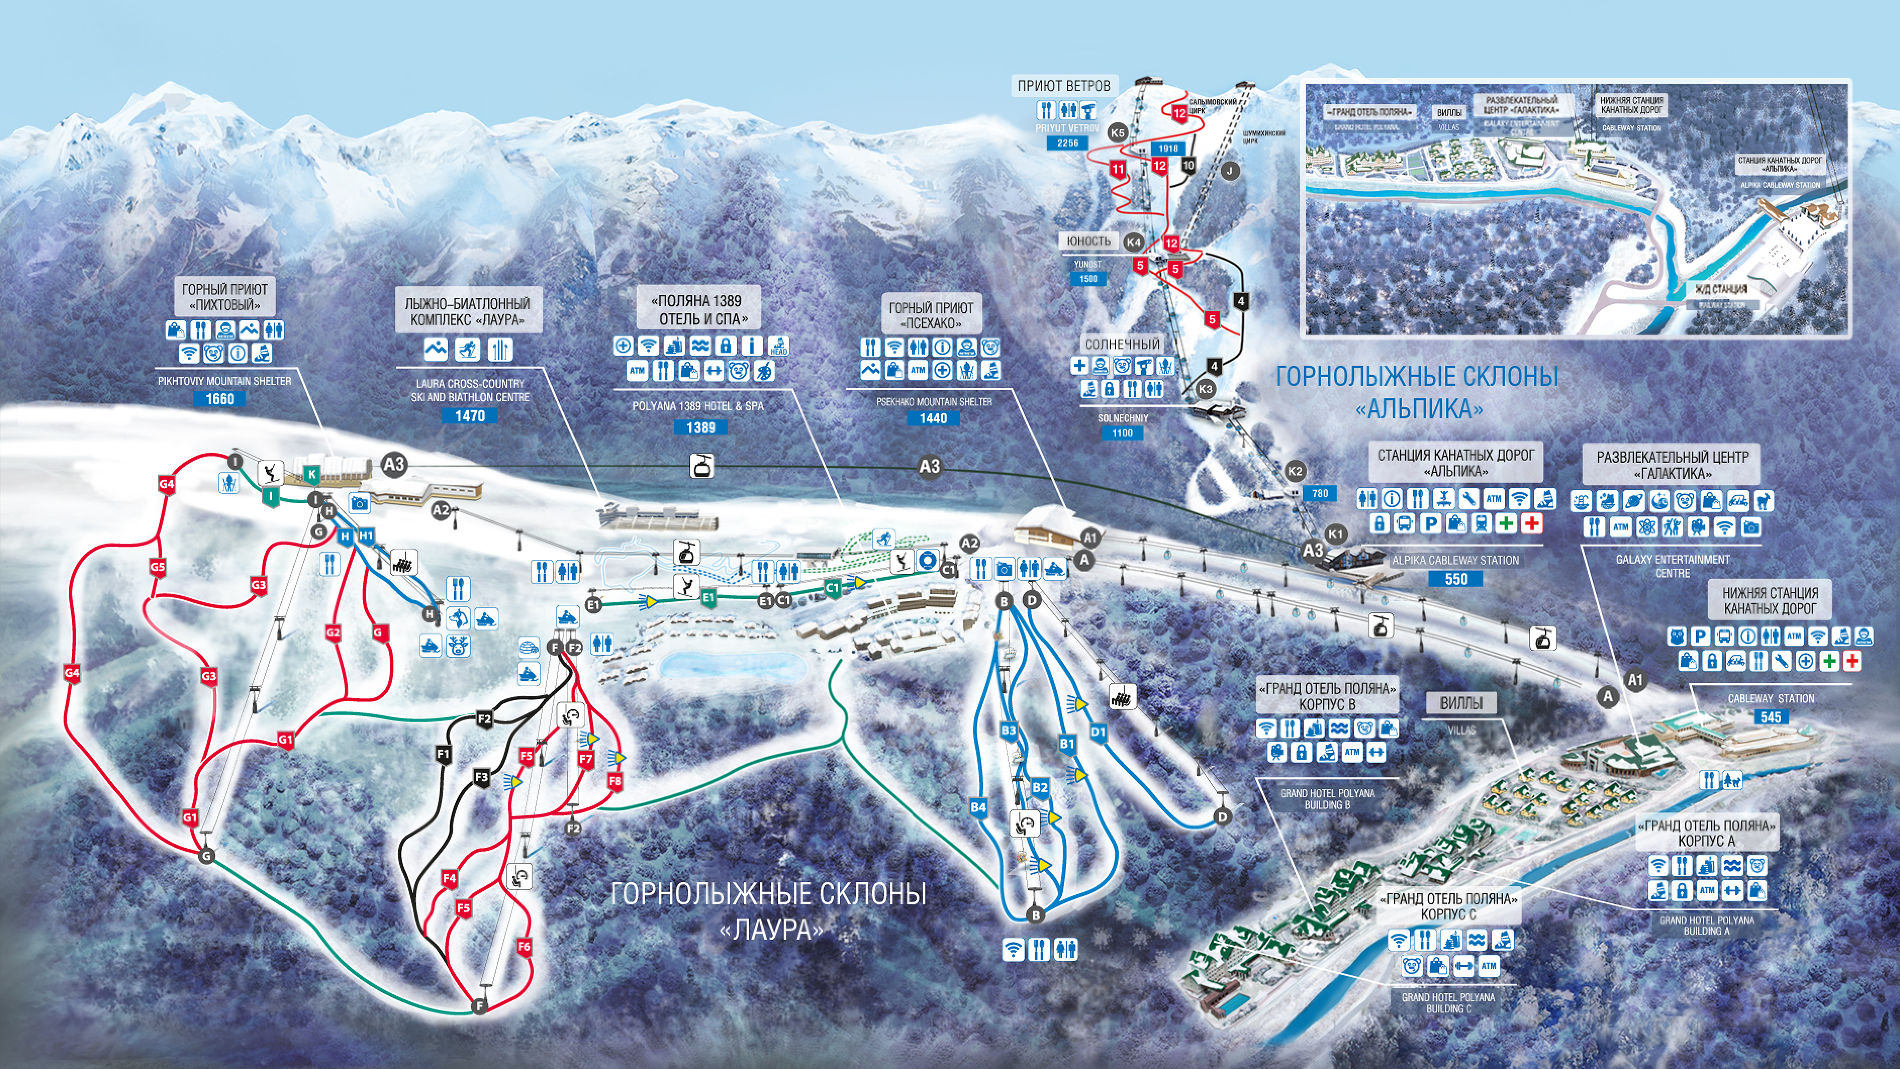 Схема горнолыжного туристического центра «Газпром» ©Иллюстрация предоставлена пресс-службой курорта